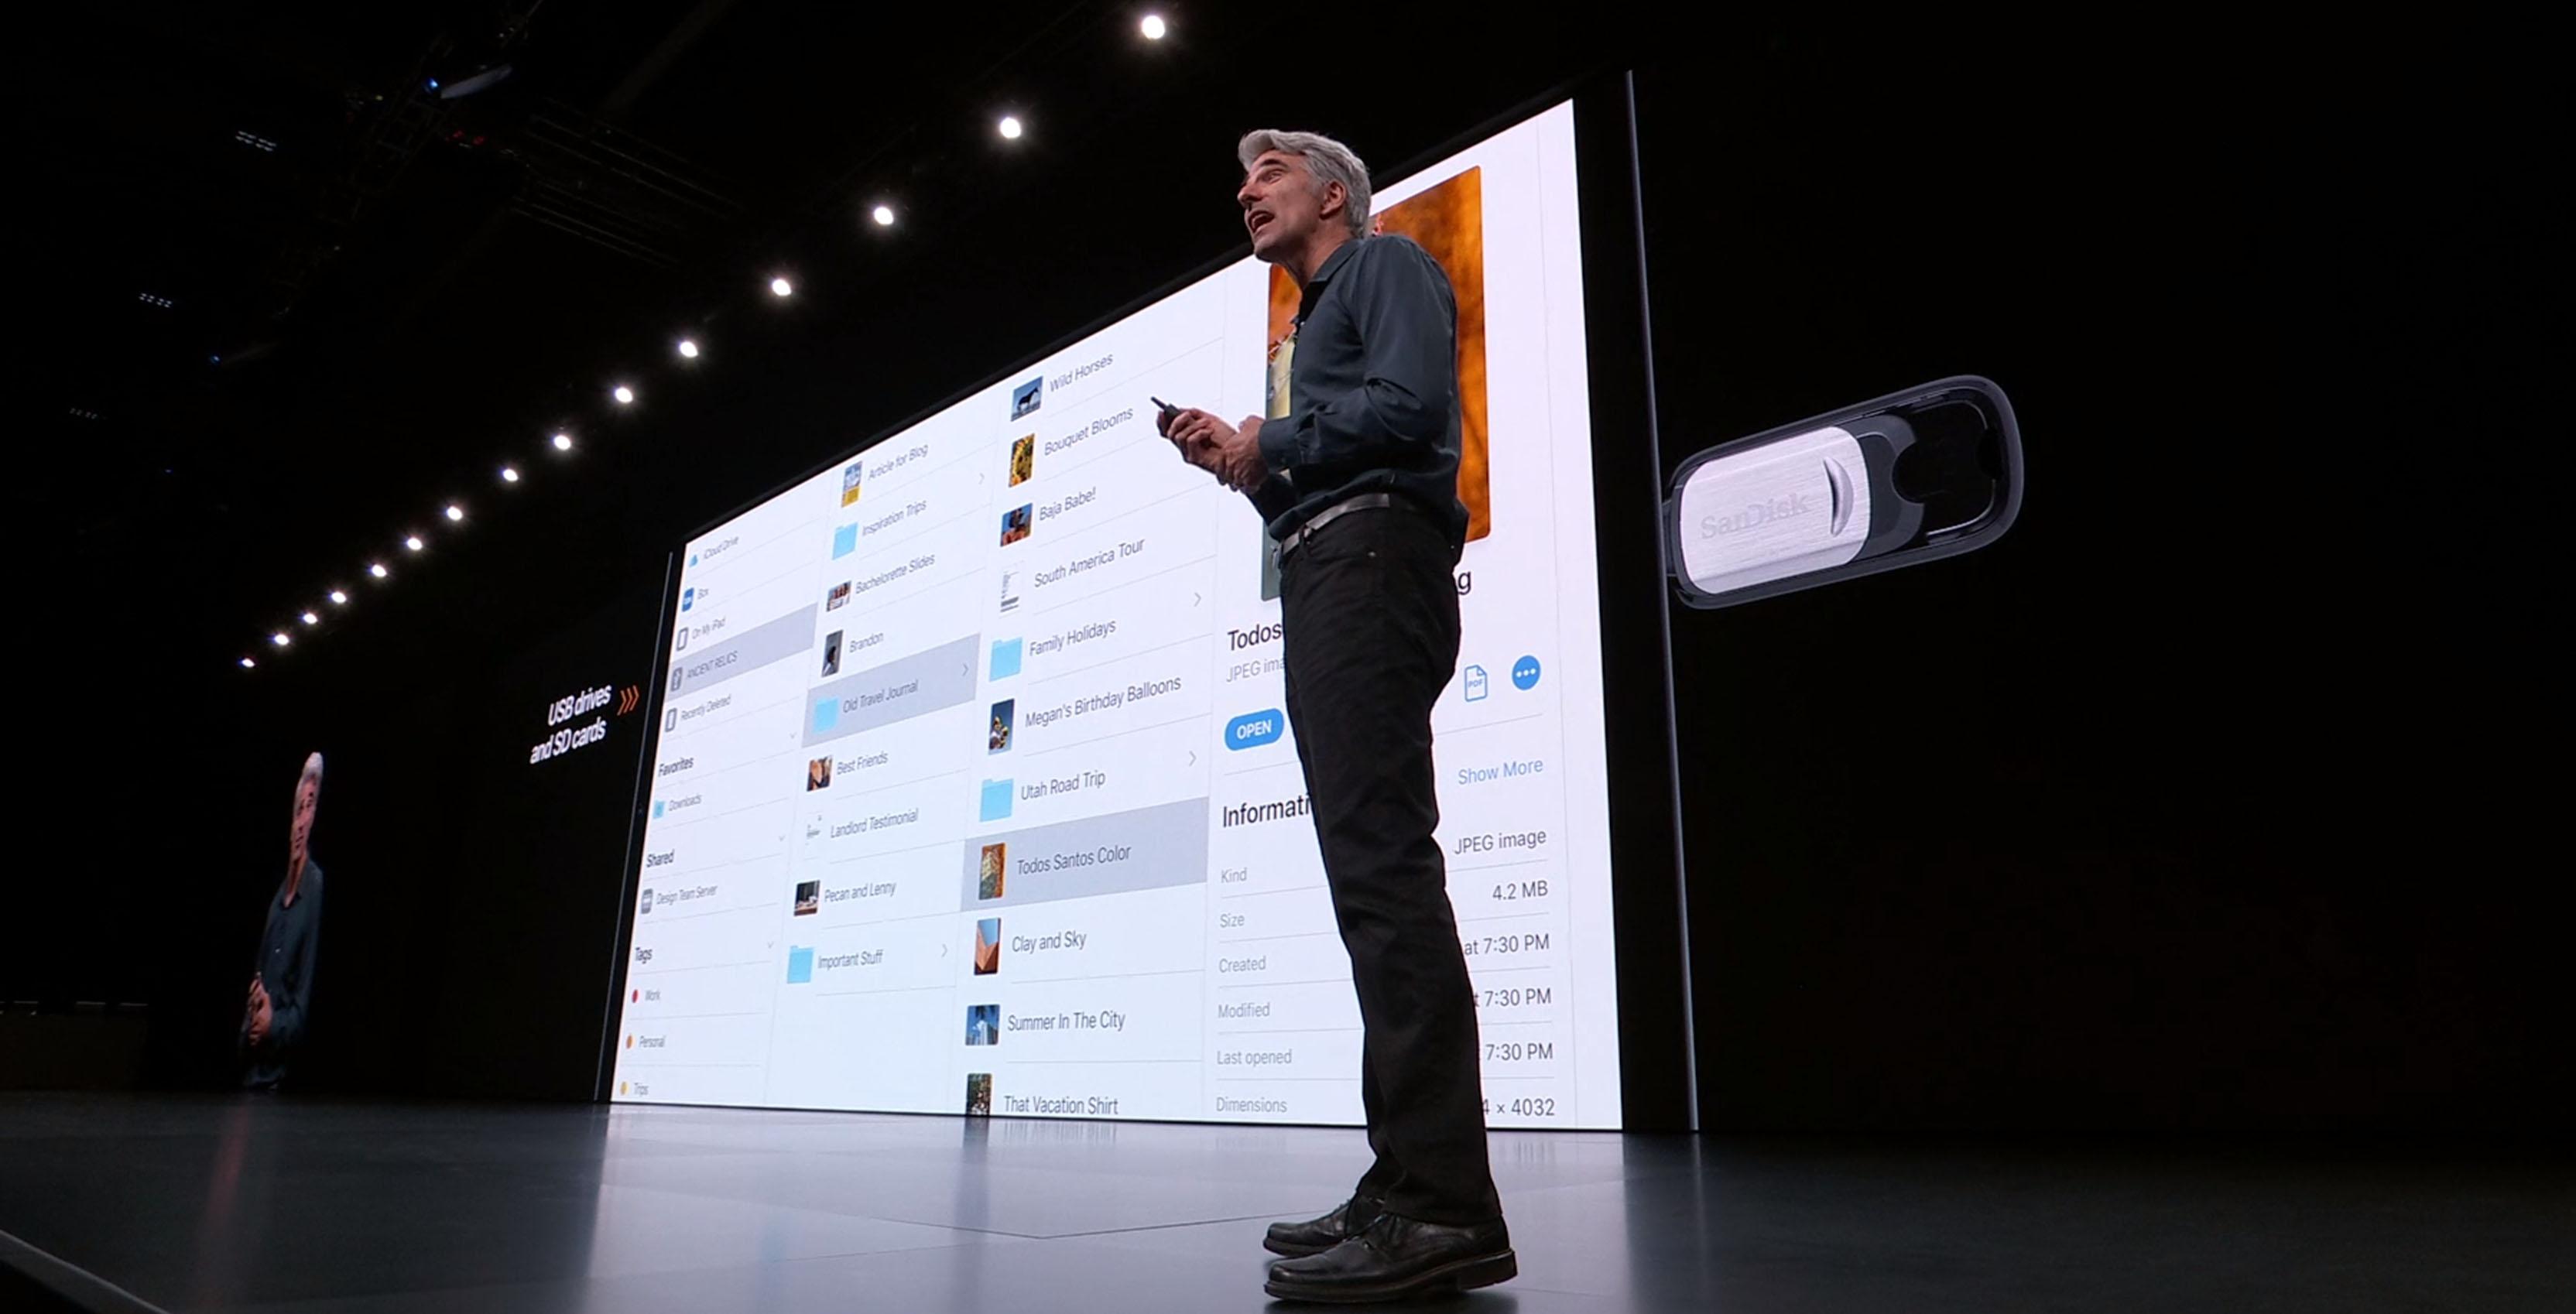 iPad USB support